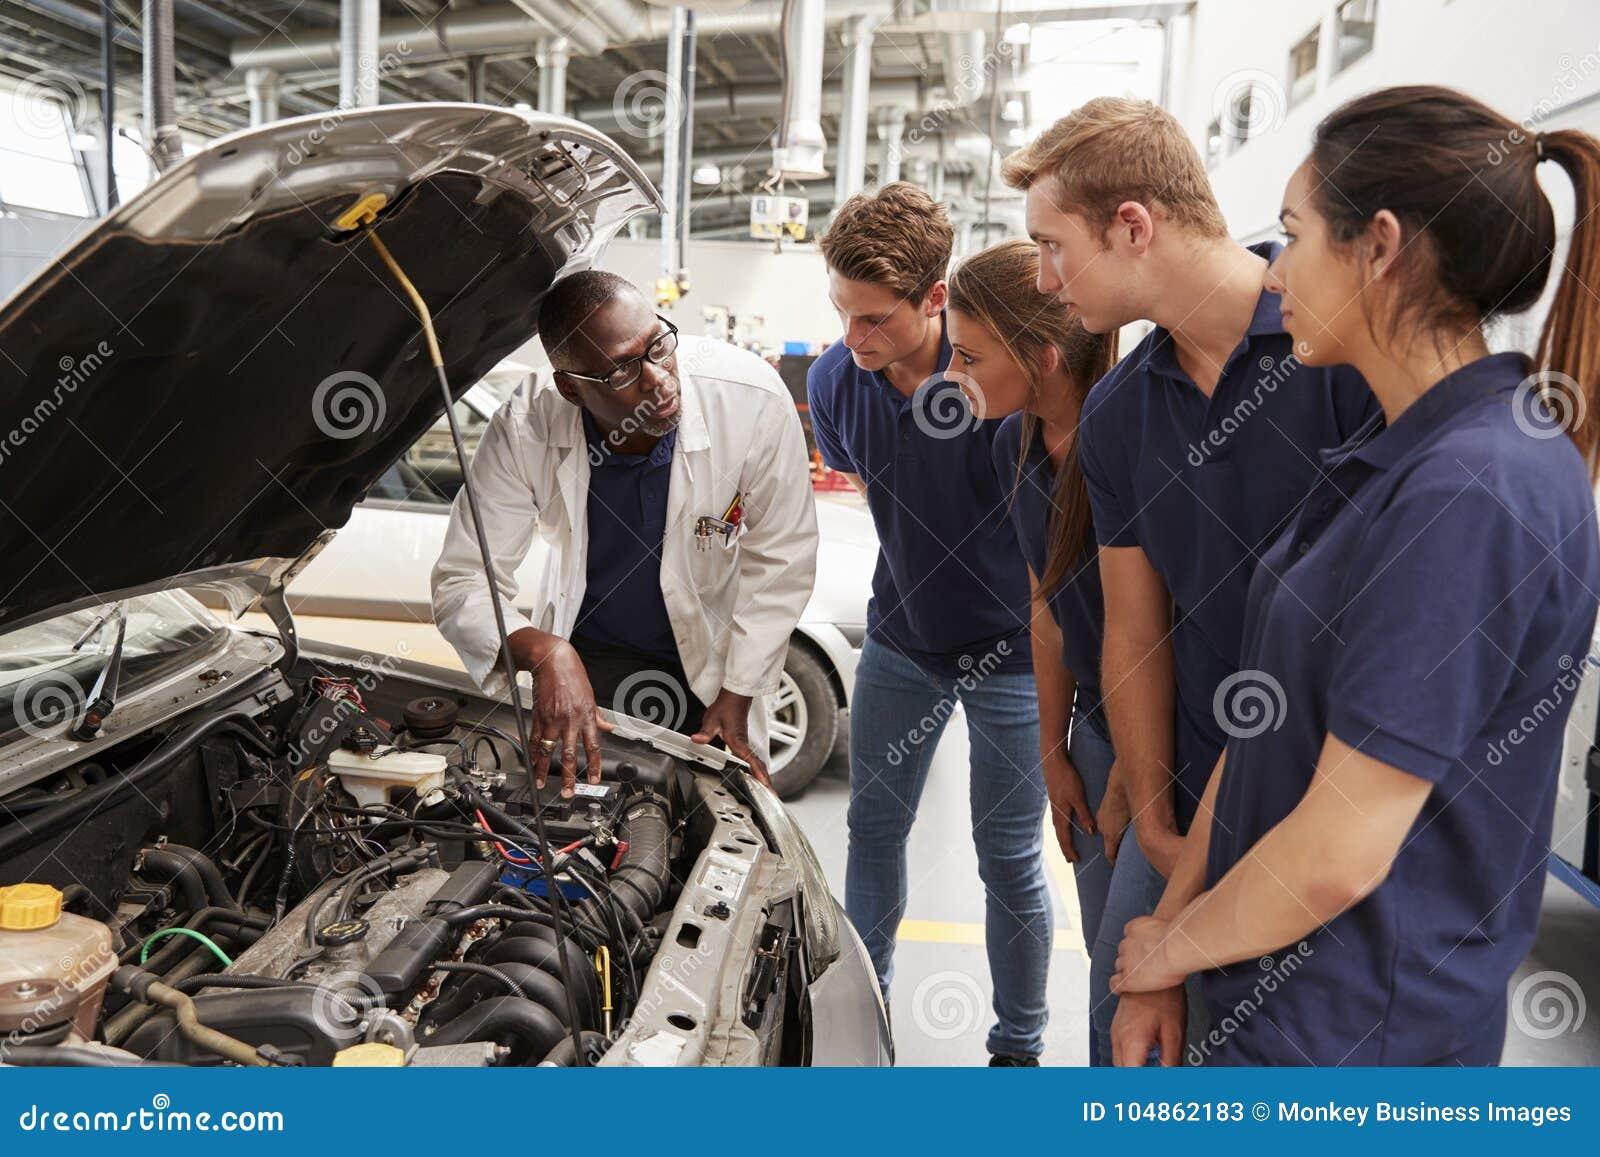 Werktuigkundige die stagiairs instrueren rond de motor van een auto